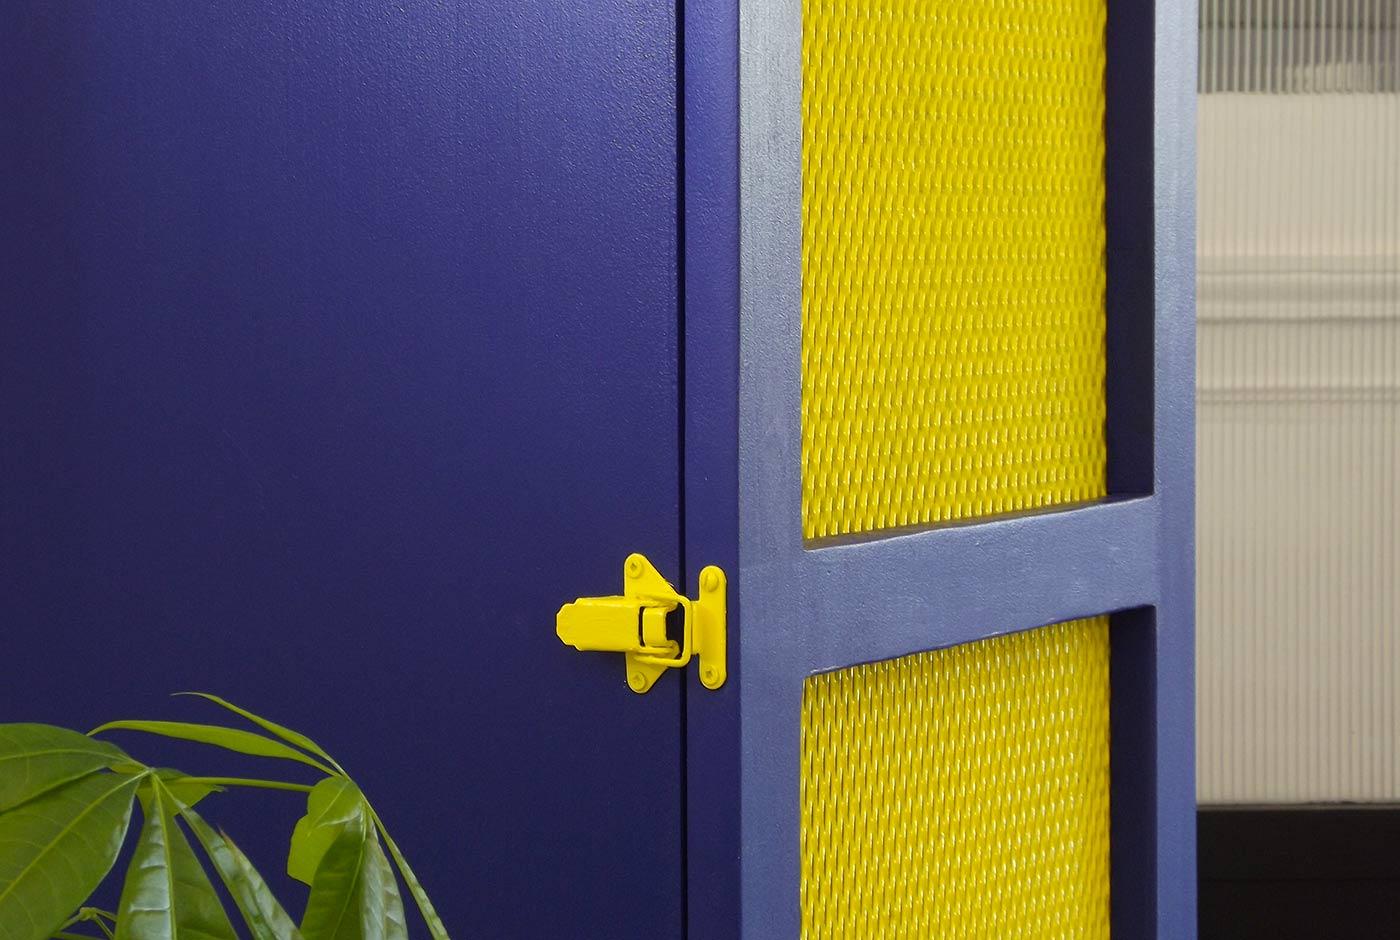 Meuble en bois de couleur jaune et bleu avec 3 étagères